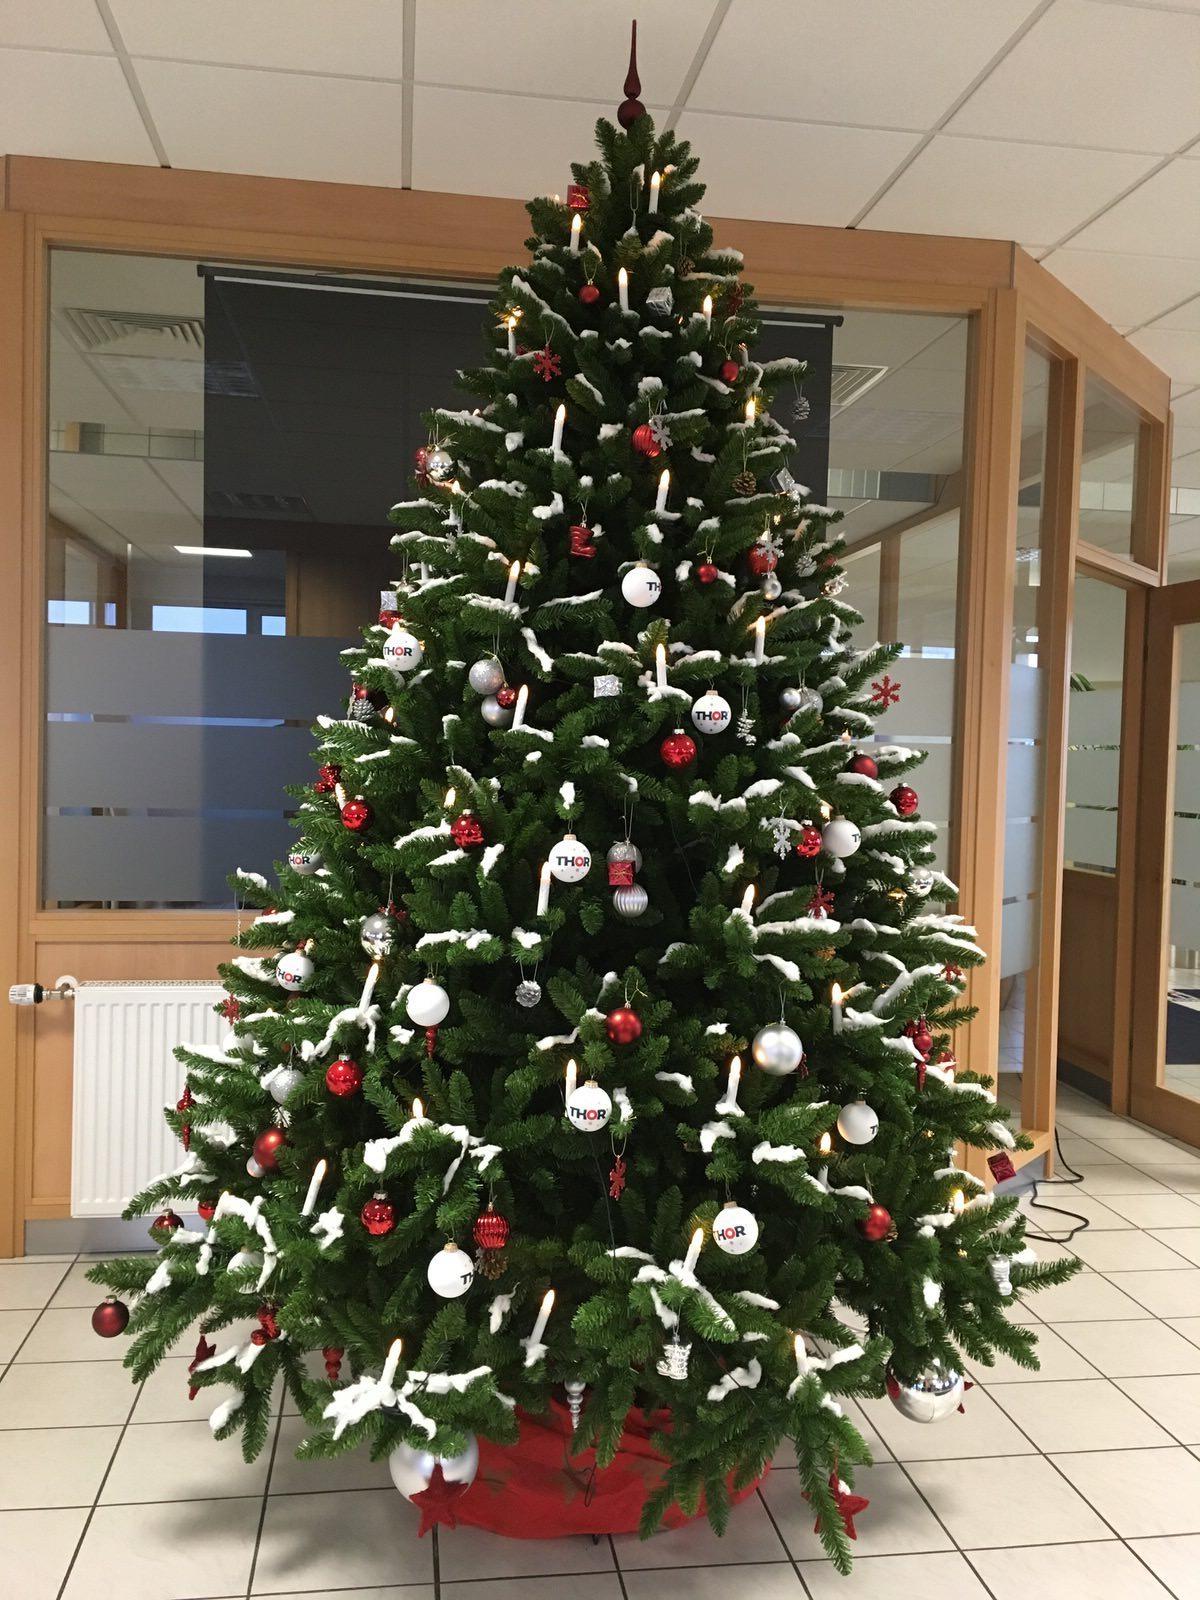 Der Eingangsbereich von THOR Industriemontagen, Niederlassung Leinefelde, wurde mit einem großen Weihnachtsbaum geschmückt.